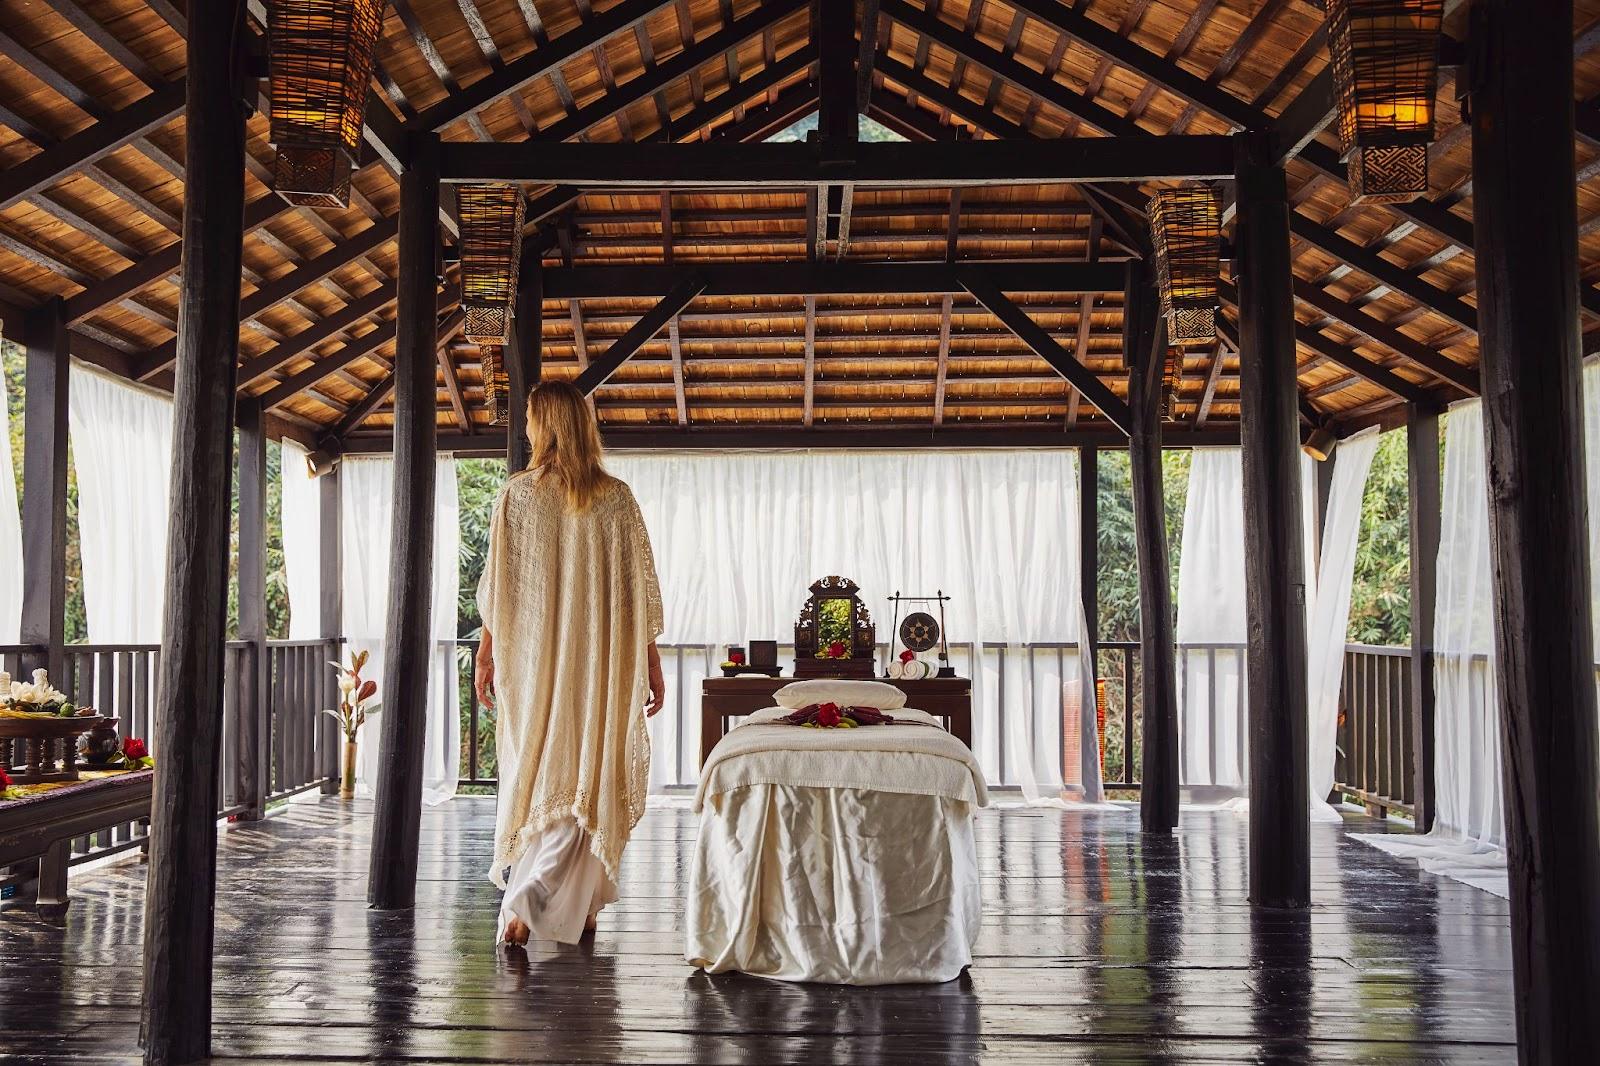 Thai massage at a beach wellness spa